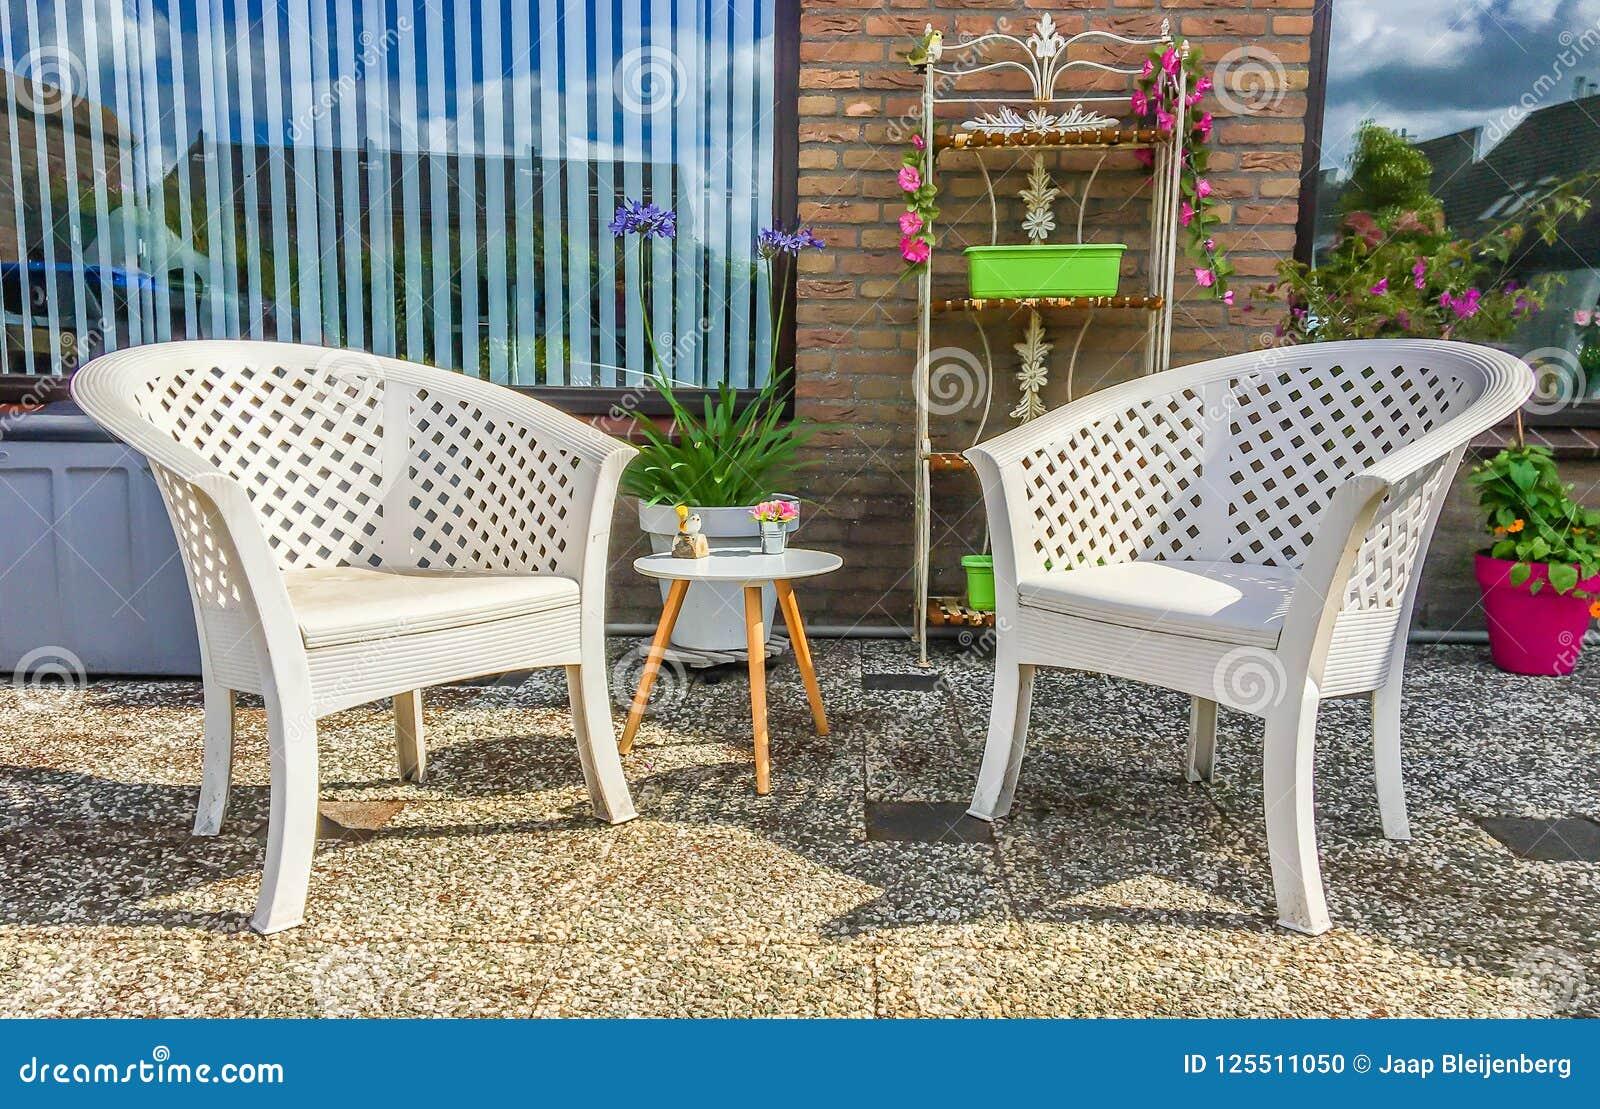 Chaises Longues De Plastique Blanches Avec Une Petite Table ...